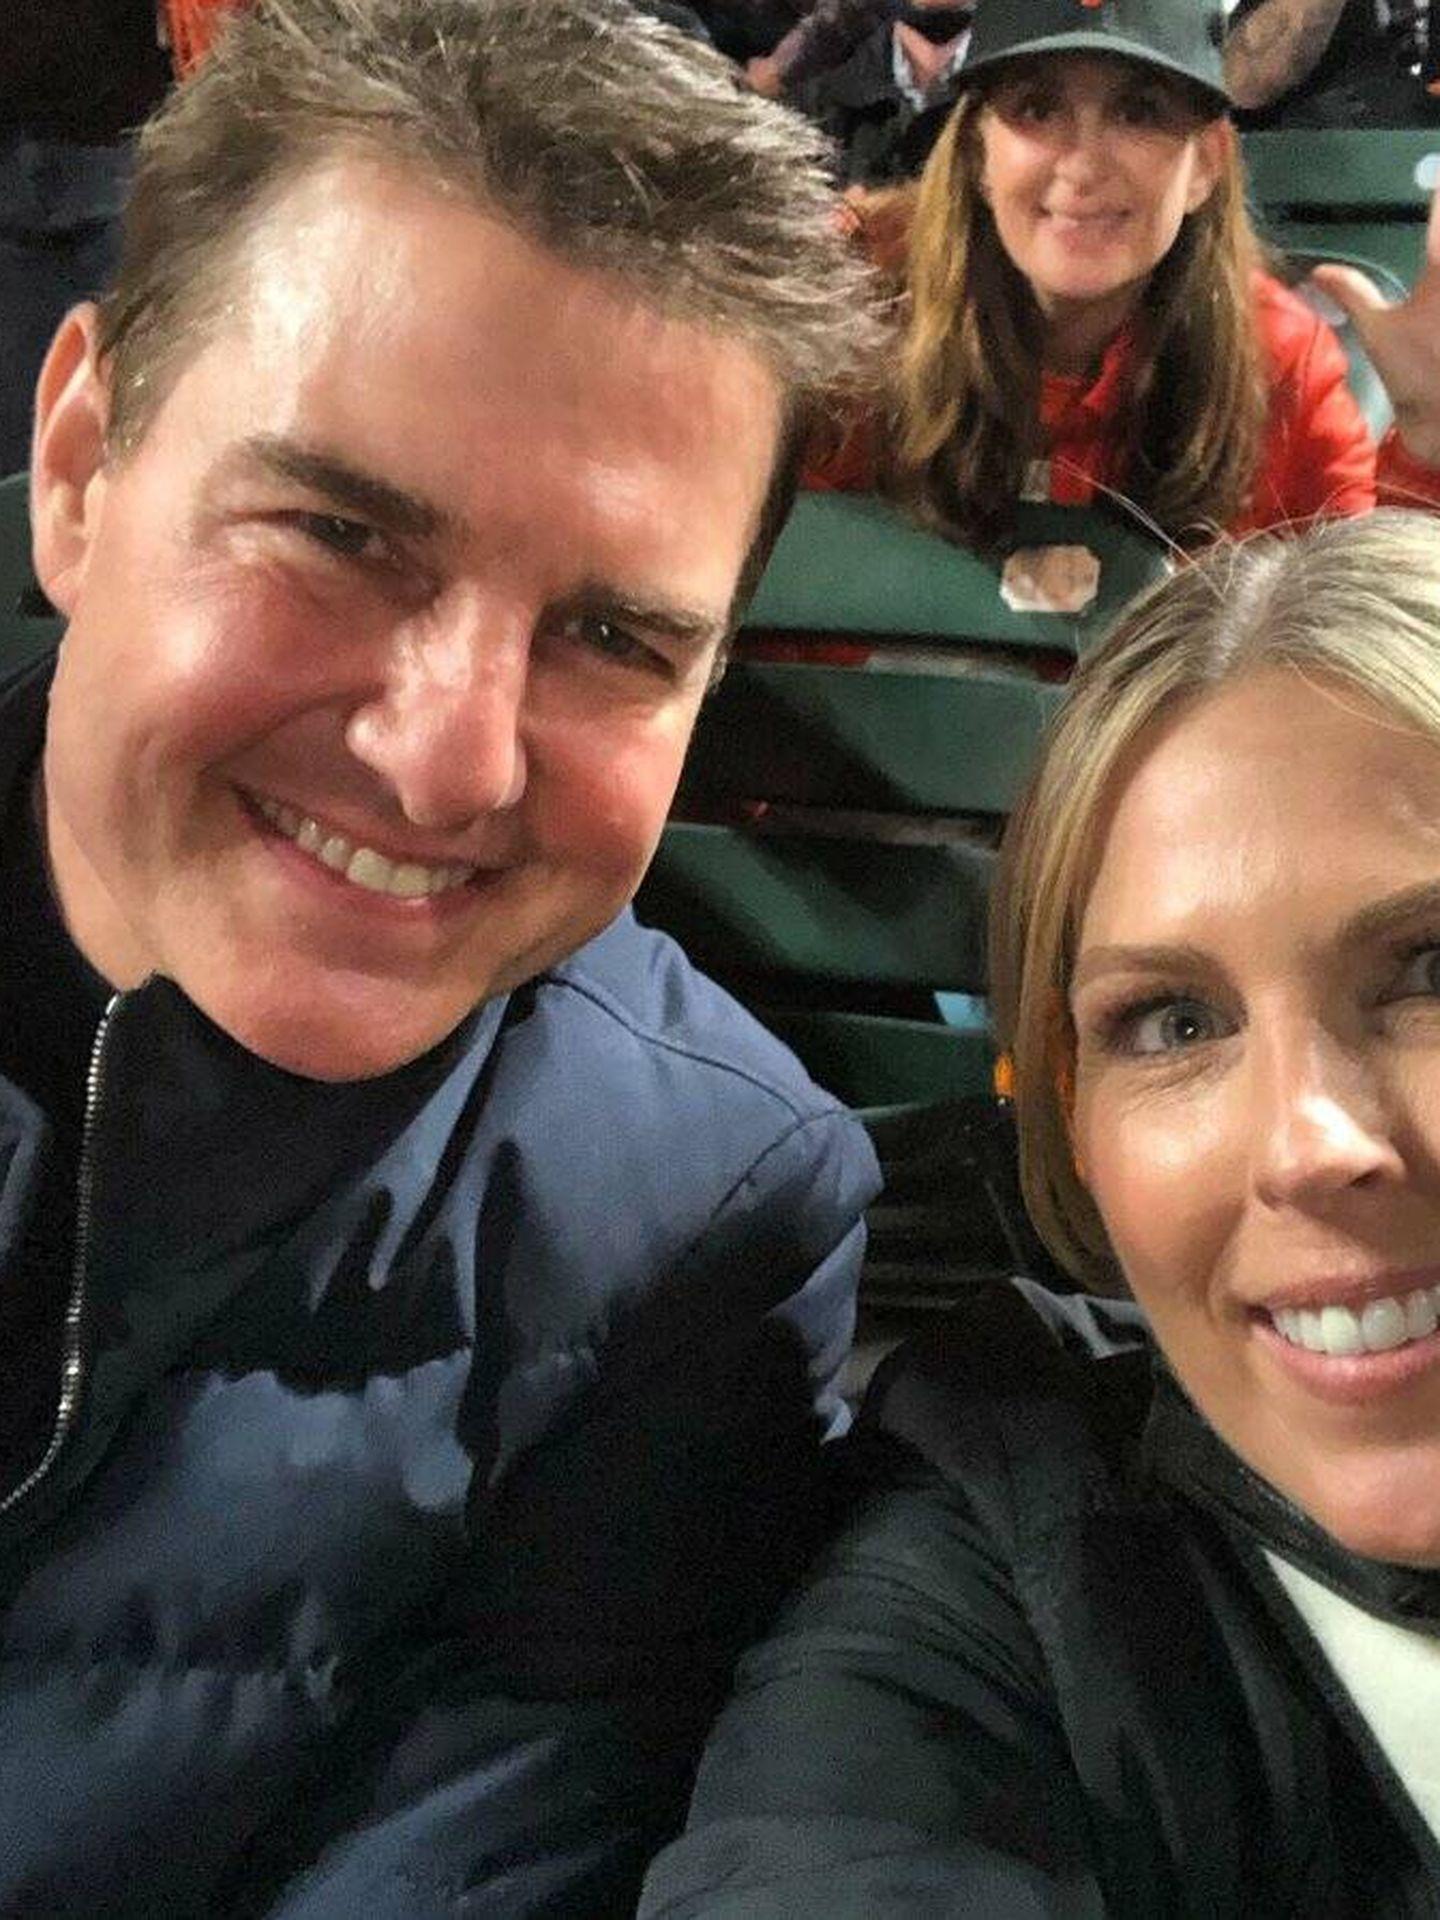 Tom Cruise, posando con Amy Gutierrez en el partido de los Dodgers contra los Giants. (Instagram @amy_gutierrez)